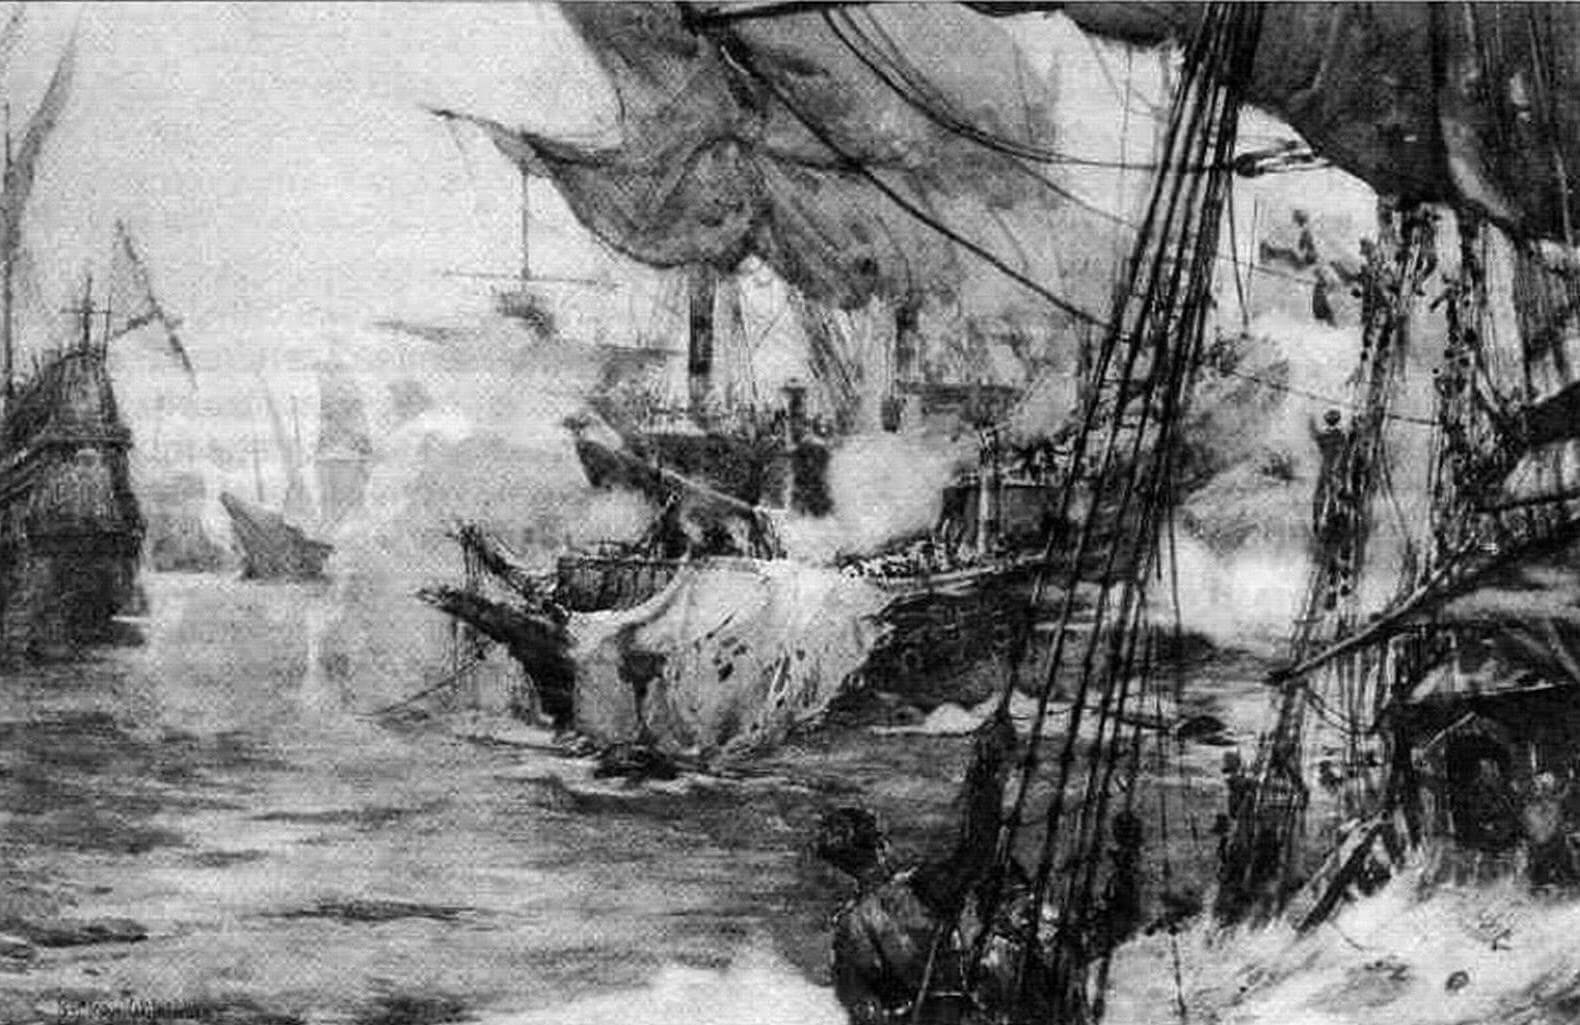 Бой «Ривенджа» с превосходящими силами противника в самом разгаре. И английский галеон, и многие его противники получили серьезные повреждения